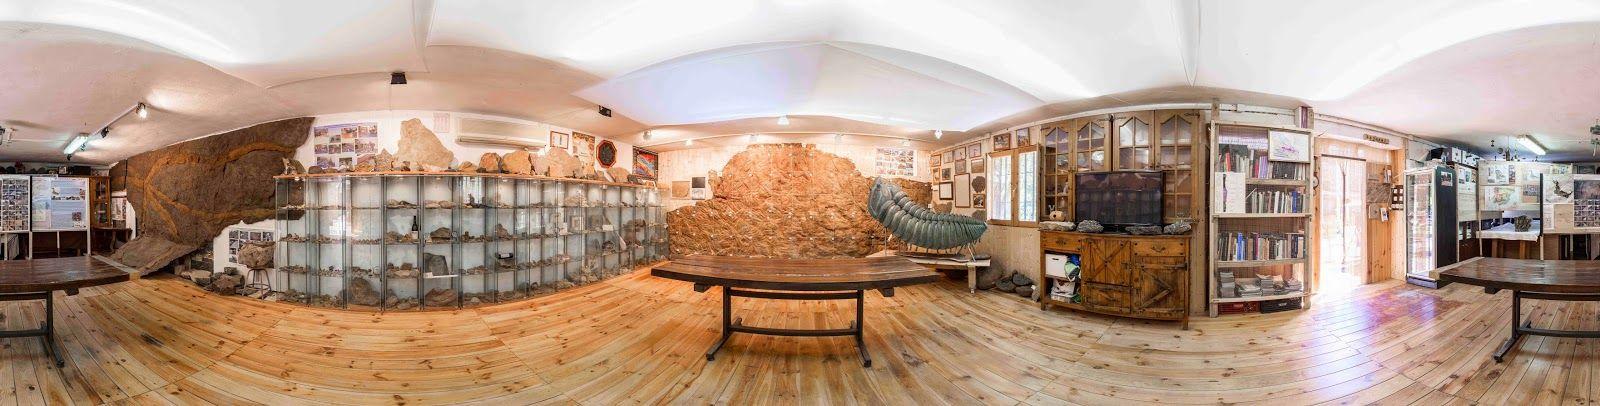 Casa Rural-Restaurante Boquerón de Estena. Parque Nacional De Cabañeros: Vista Panoramica de nuestro salón de eventos